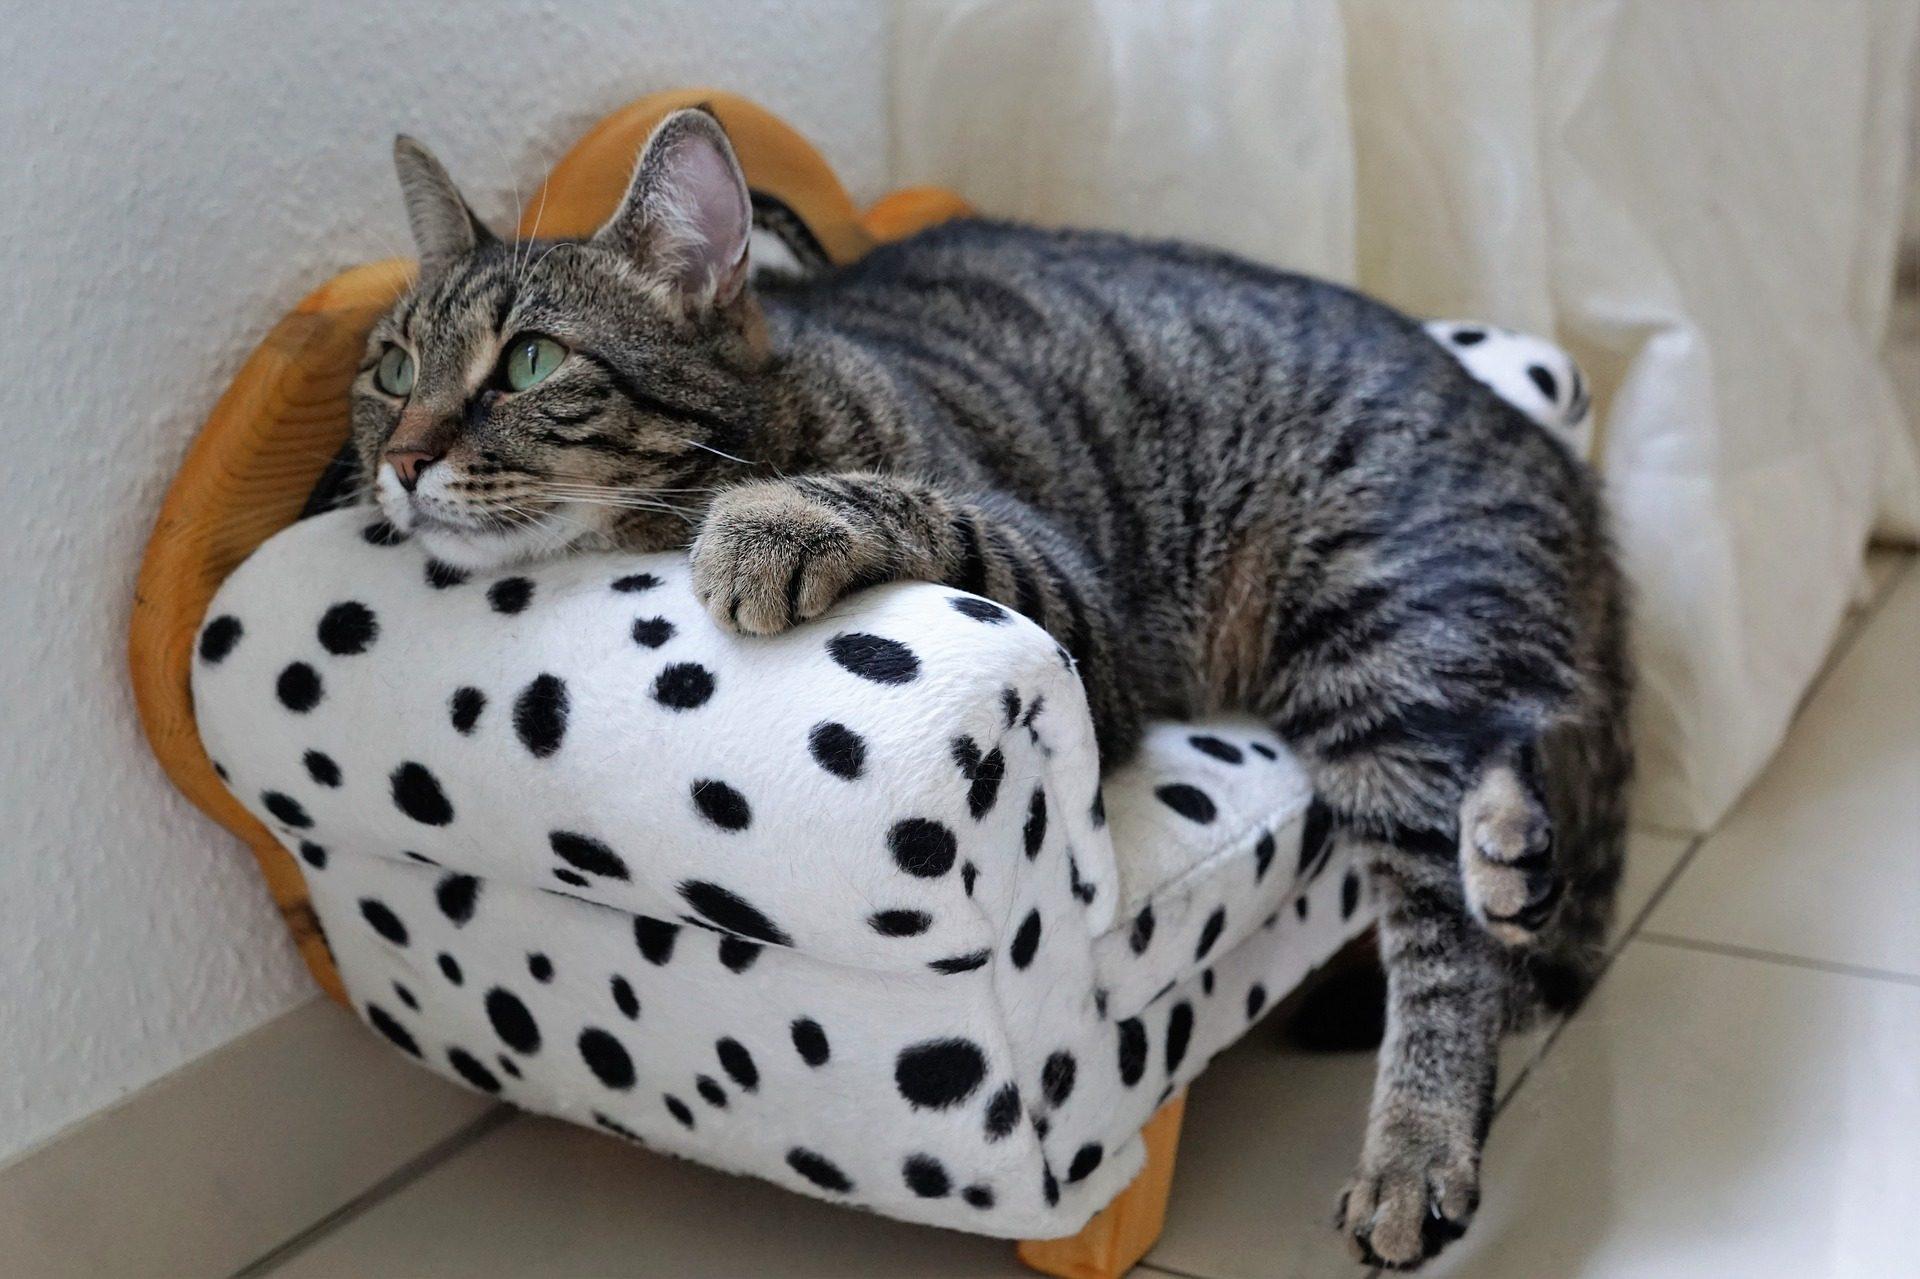 猫, 座位, 扶手椅, 沙发, 斑驳, 宠物 - 高清壁纸 - 教授-falken.com